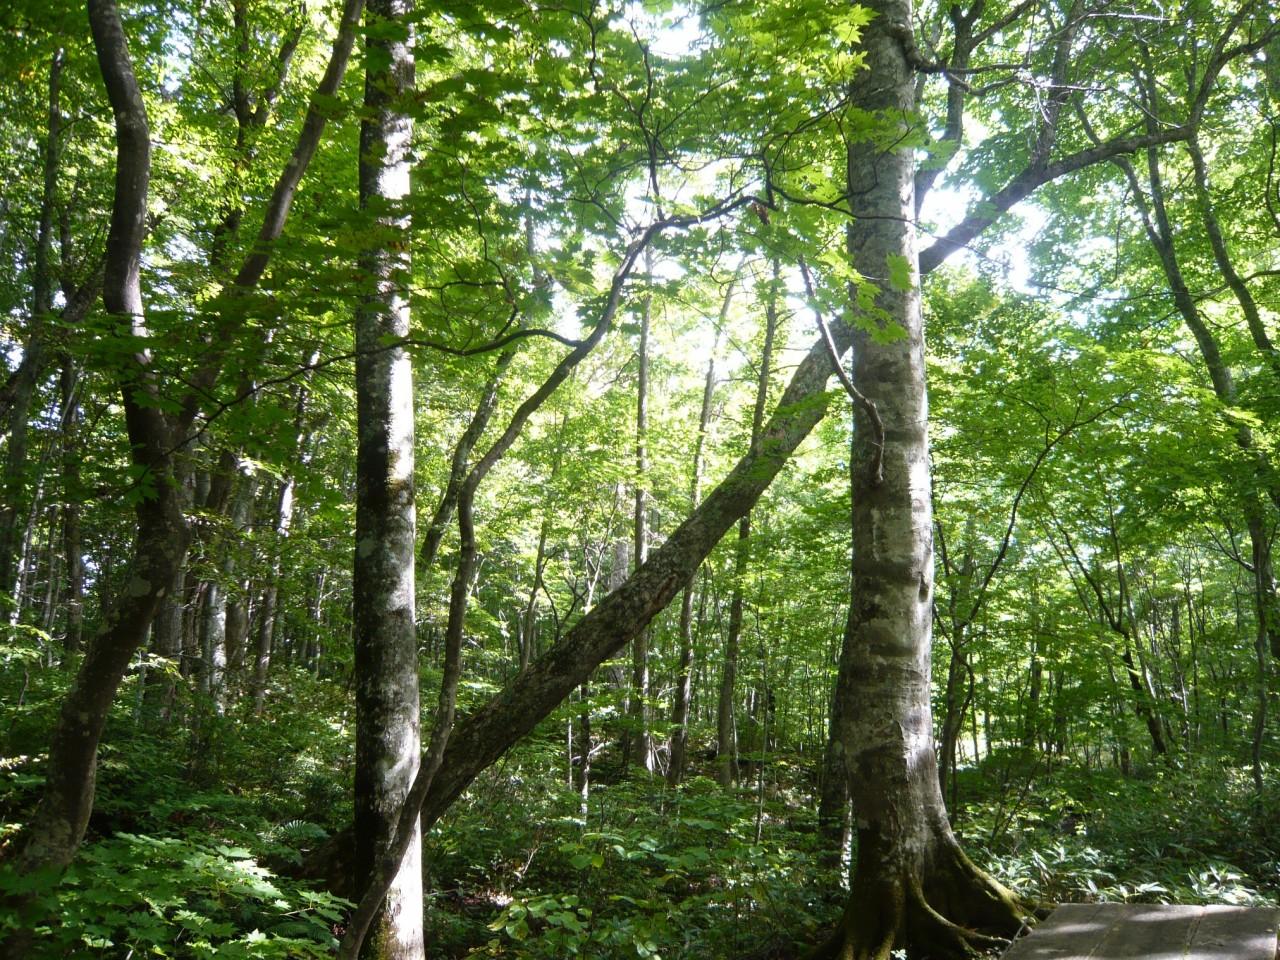 青森 上北 十和田市 風景 秋 奥入瀬渓流 自然 蔦の森